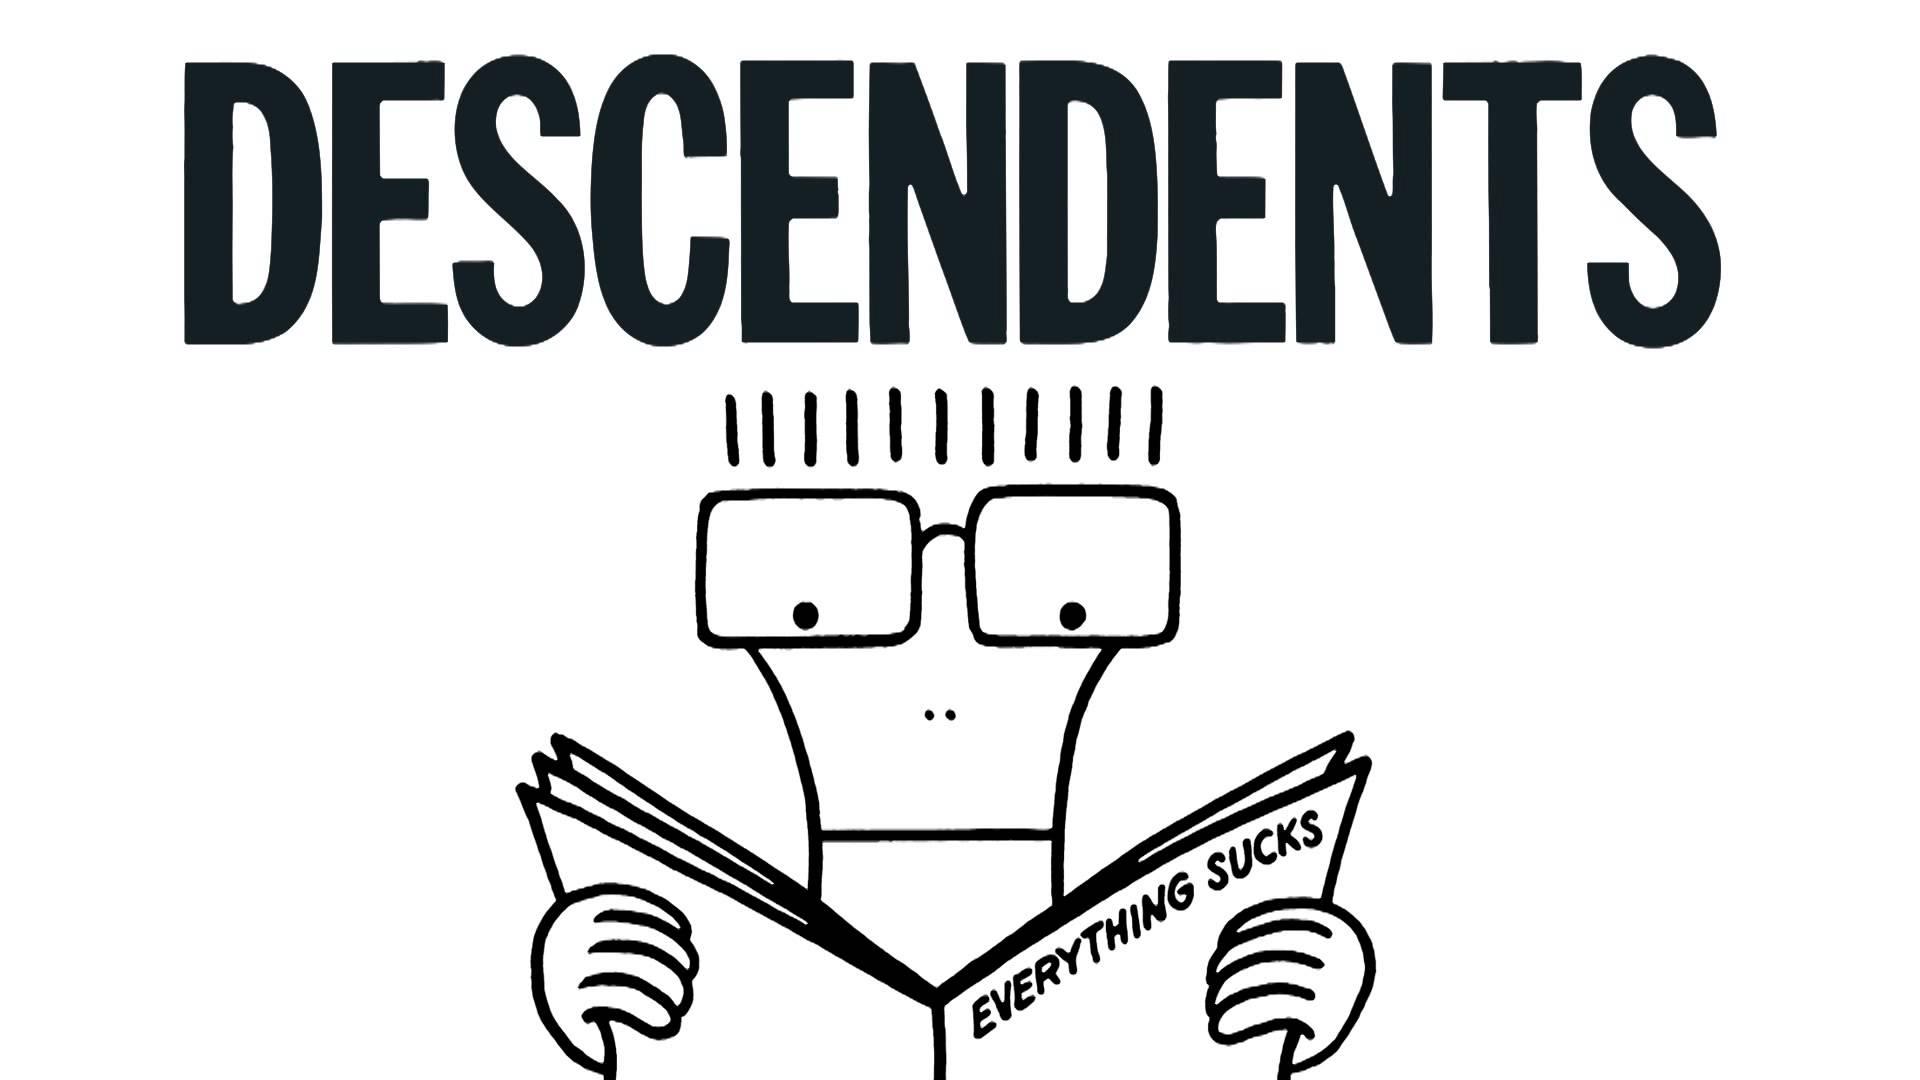 Descendents   Everything Sux Full Album Stream 1920x1080